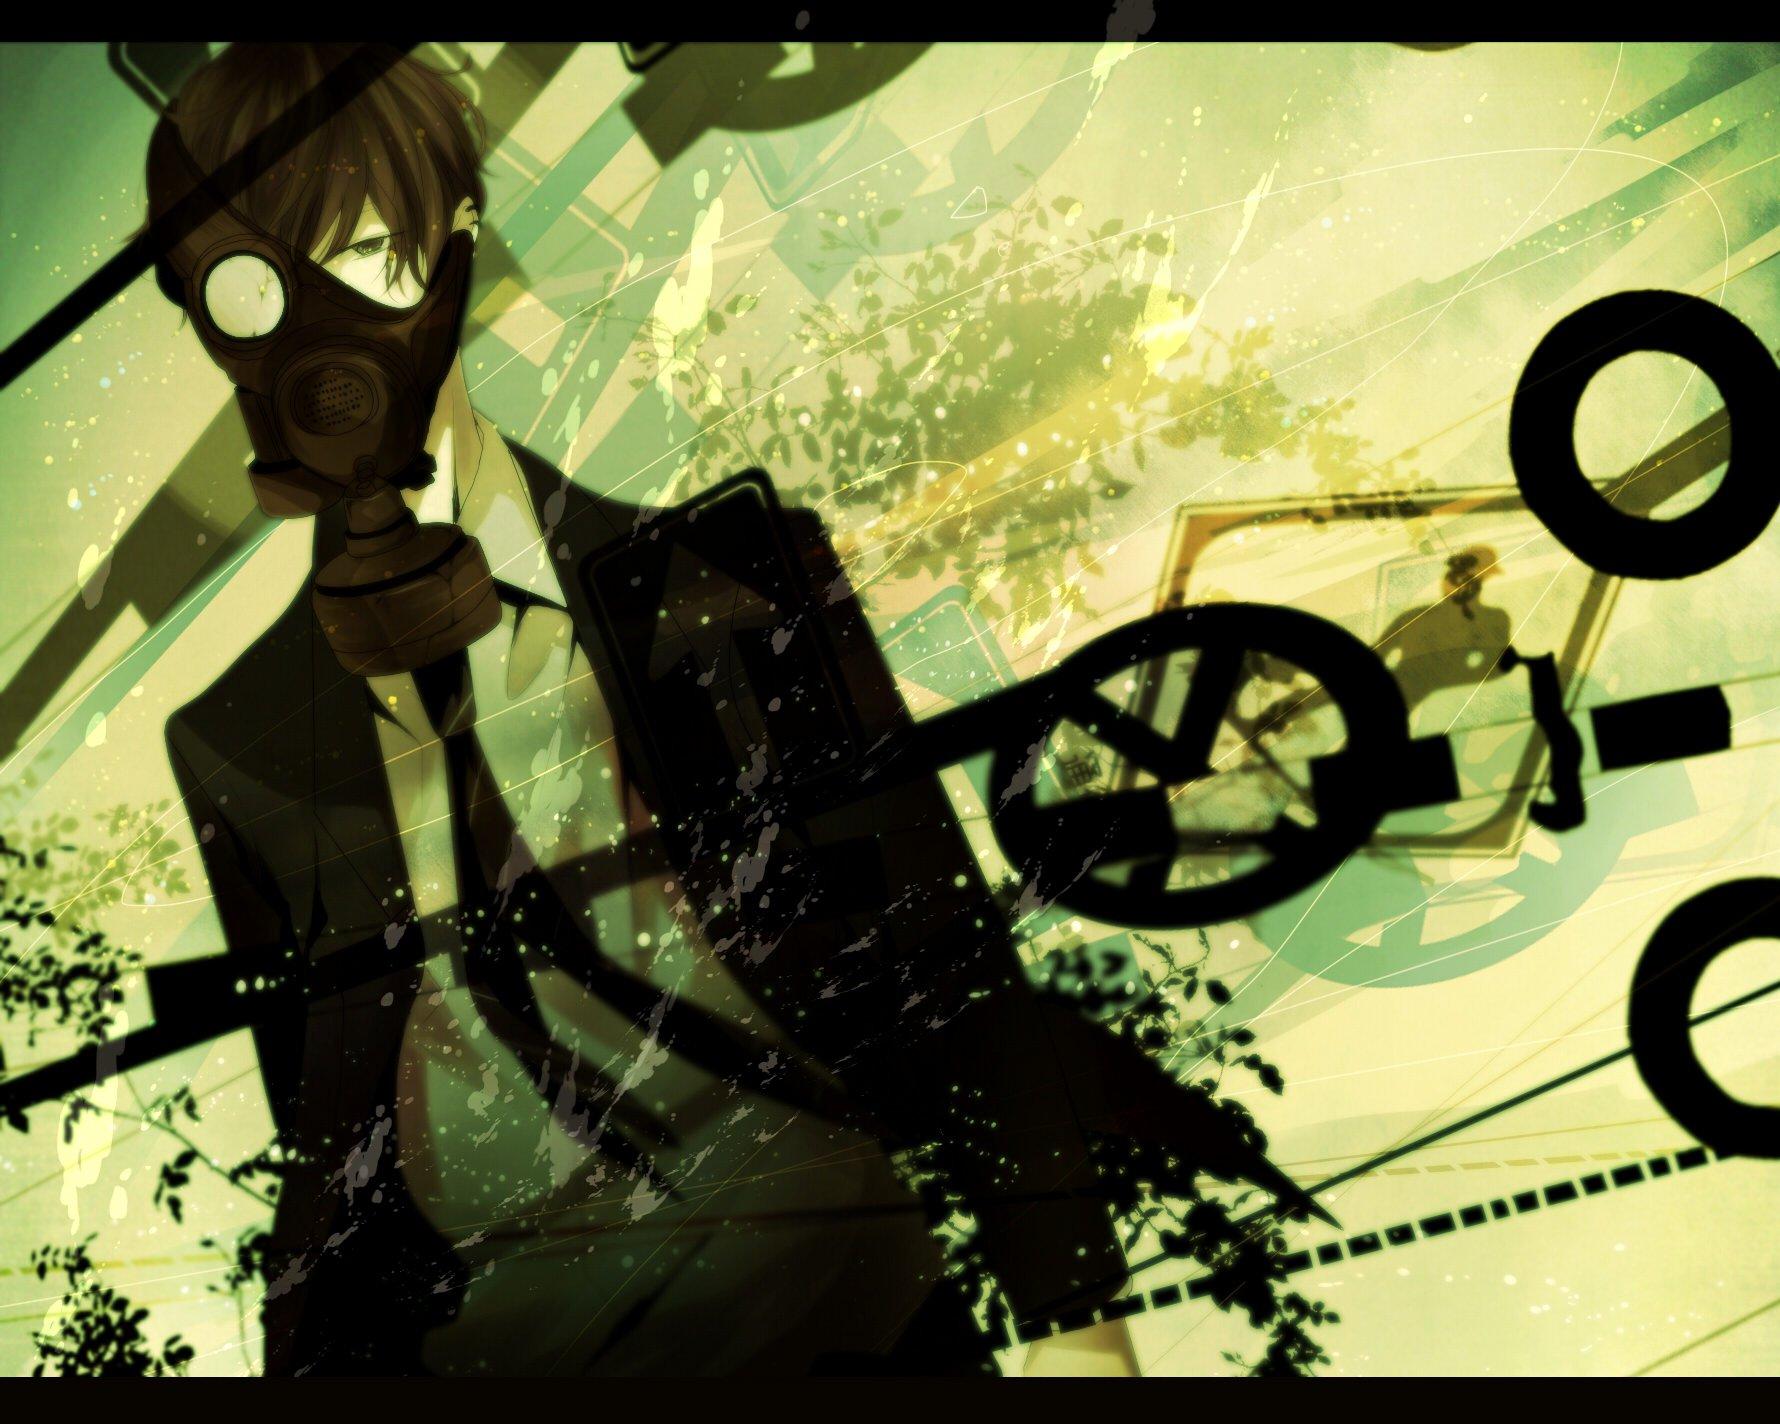 Арты--Доброй Ночи--КНБ--^_^/ >SHIO - Изображение 7